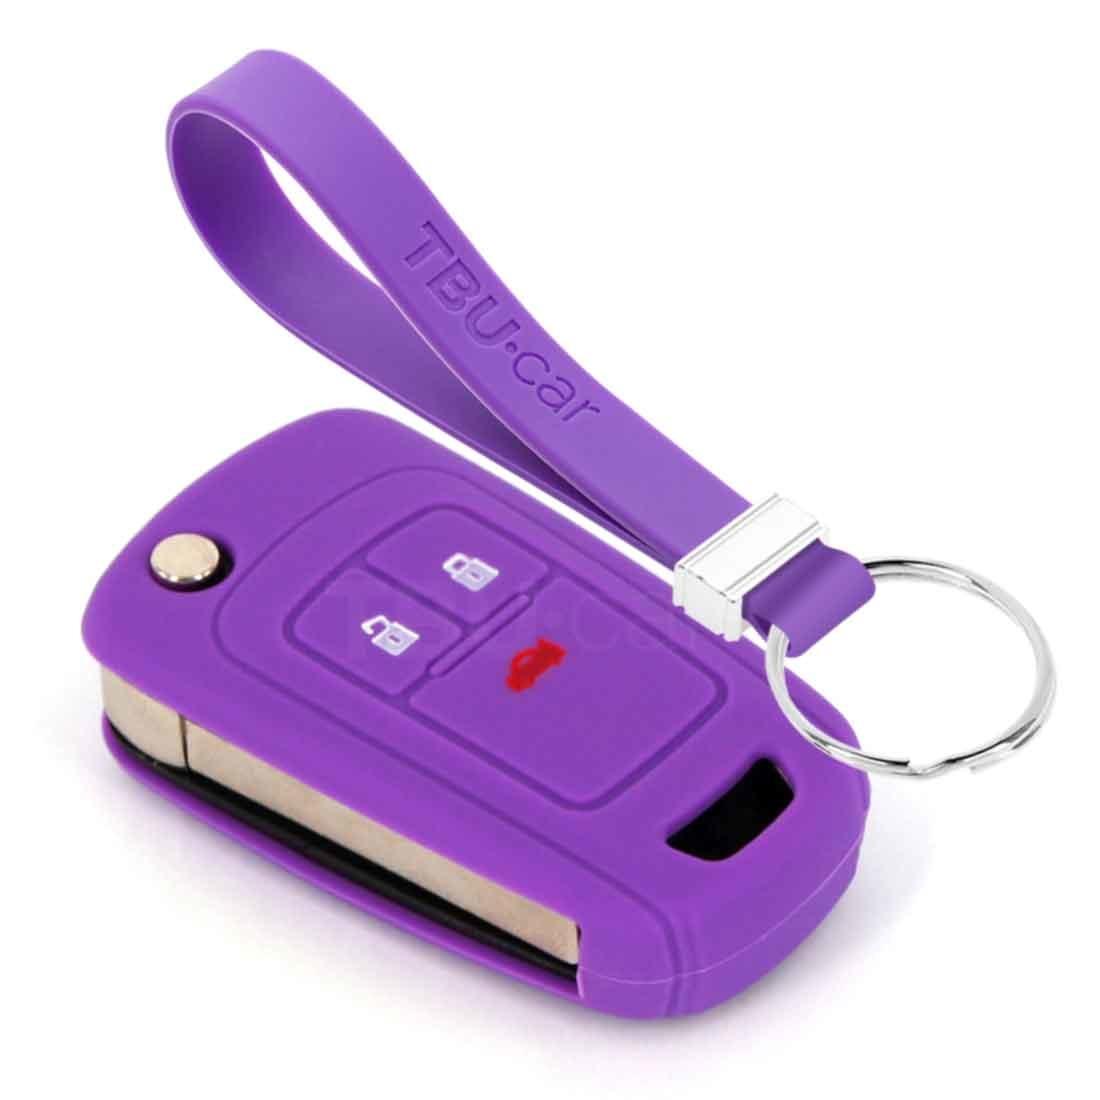 TBU car TBU car Sleutel cover compatibel met Opel - Silicone sleutelhoesje - beschermhoesje autosleutel - Paars